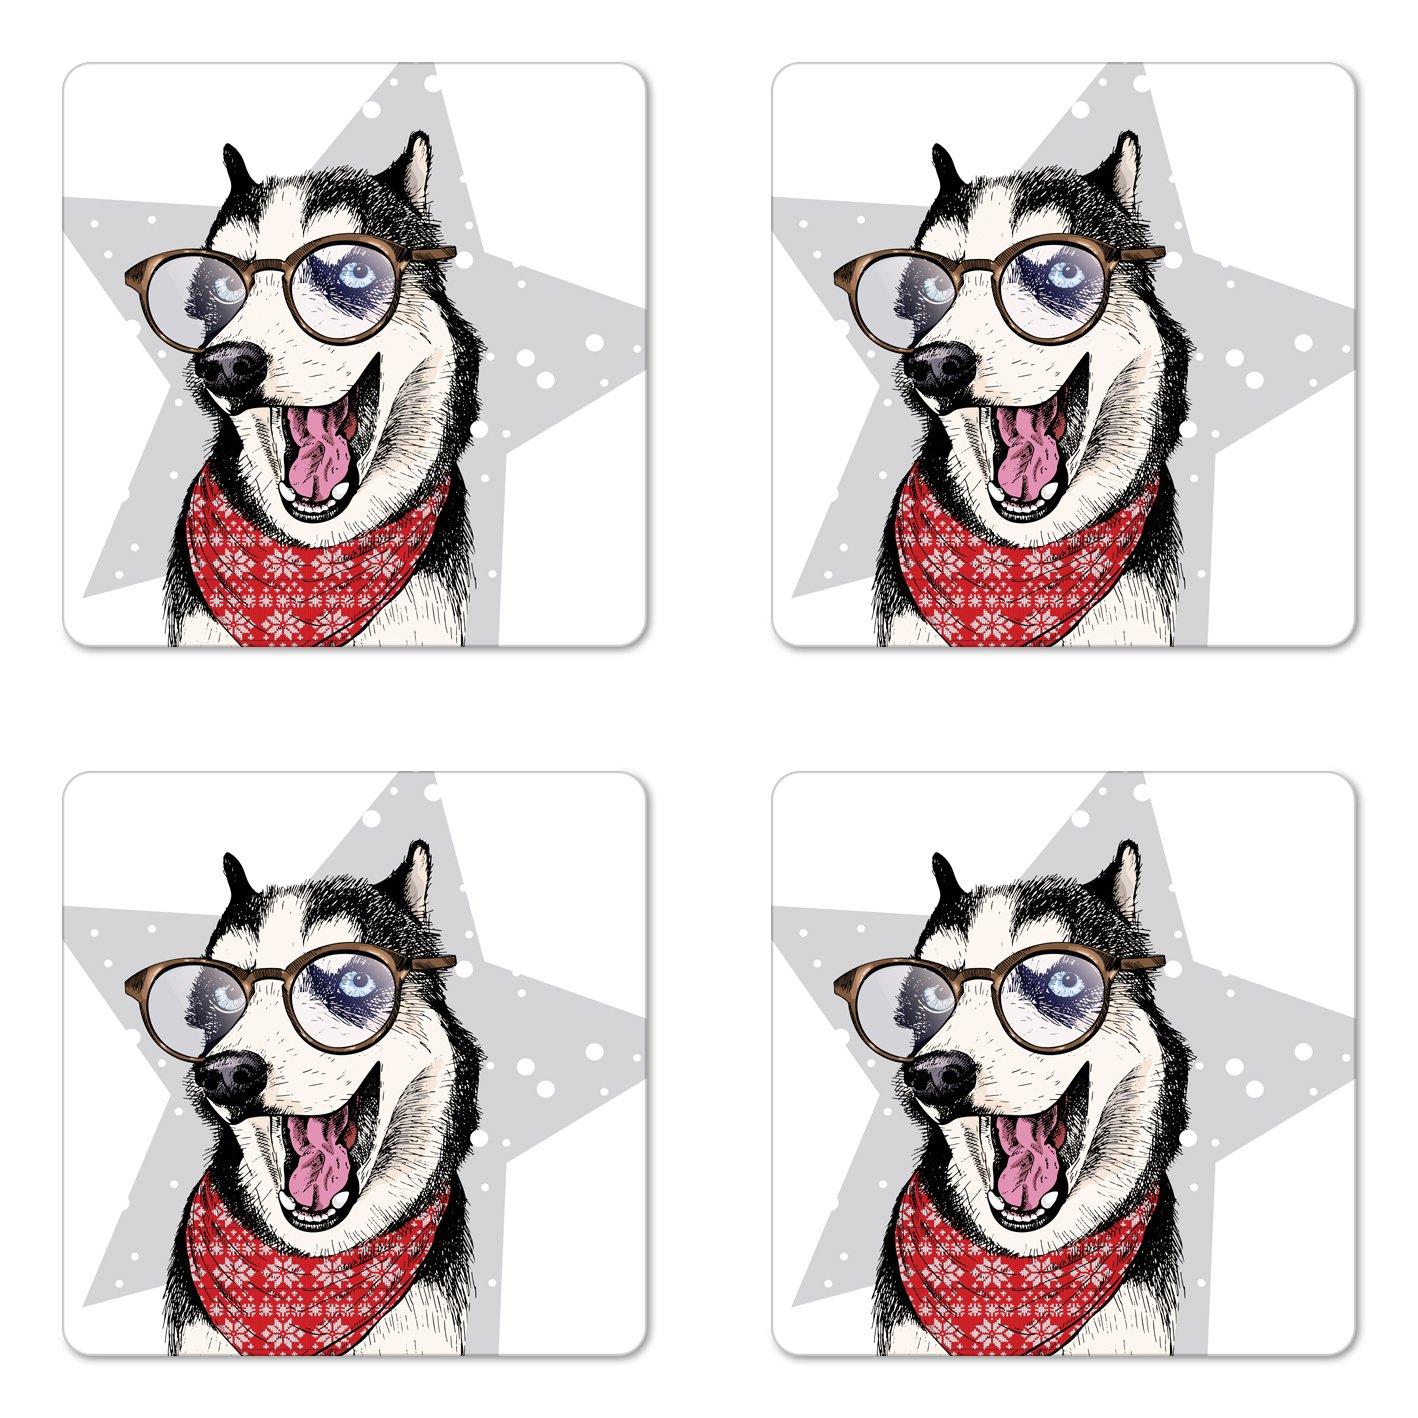 Lunarable Husky コースター4枚セット シベリア国産ハスキー犬 バンダナとメガネを着用 面白い ポーズで立ちます 四角いハードボードのグロスコースター ドリンク用 マルチカラー   B07DC415PT